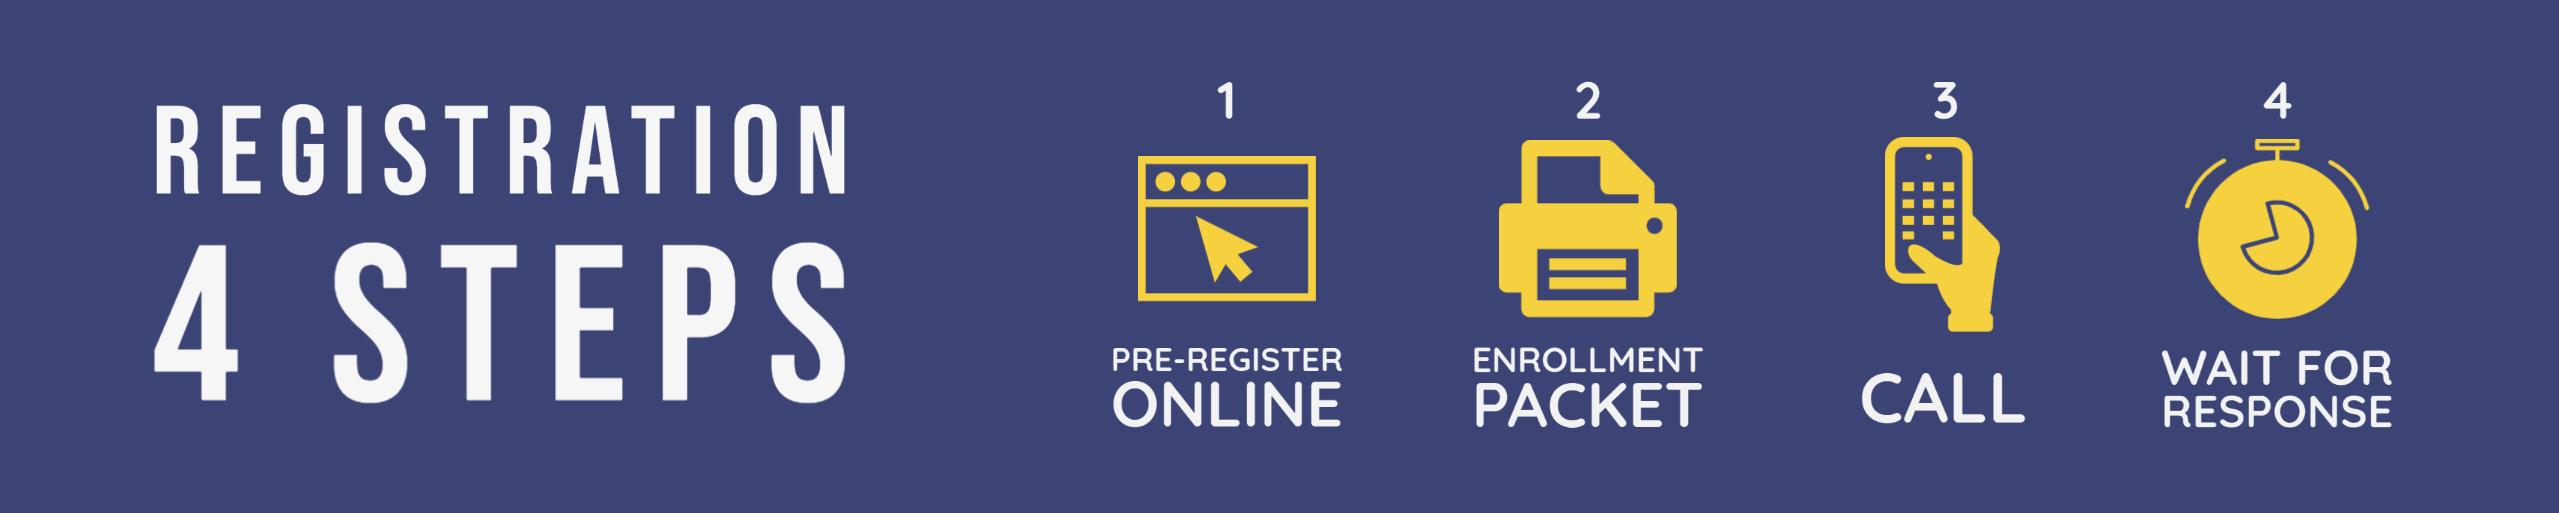 Registration 4 Steps